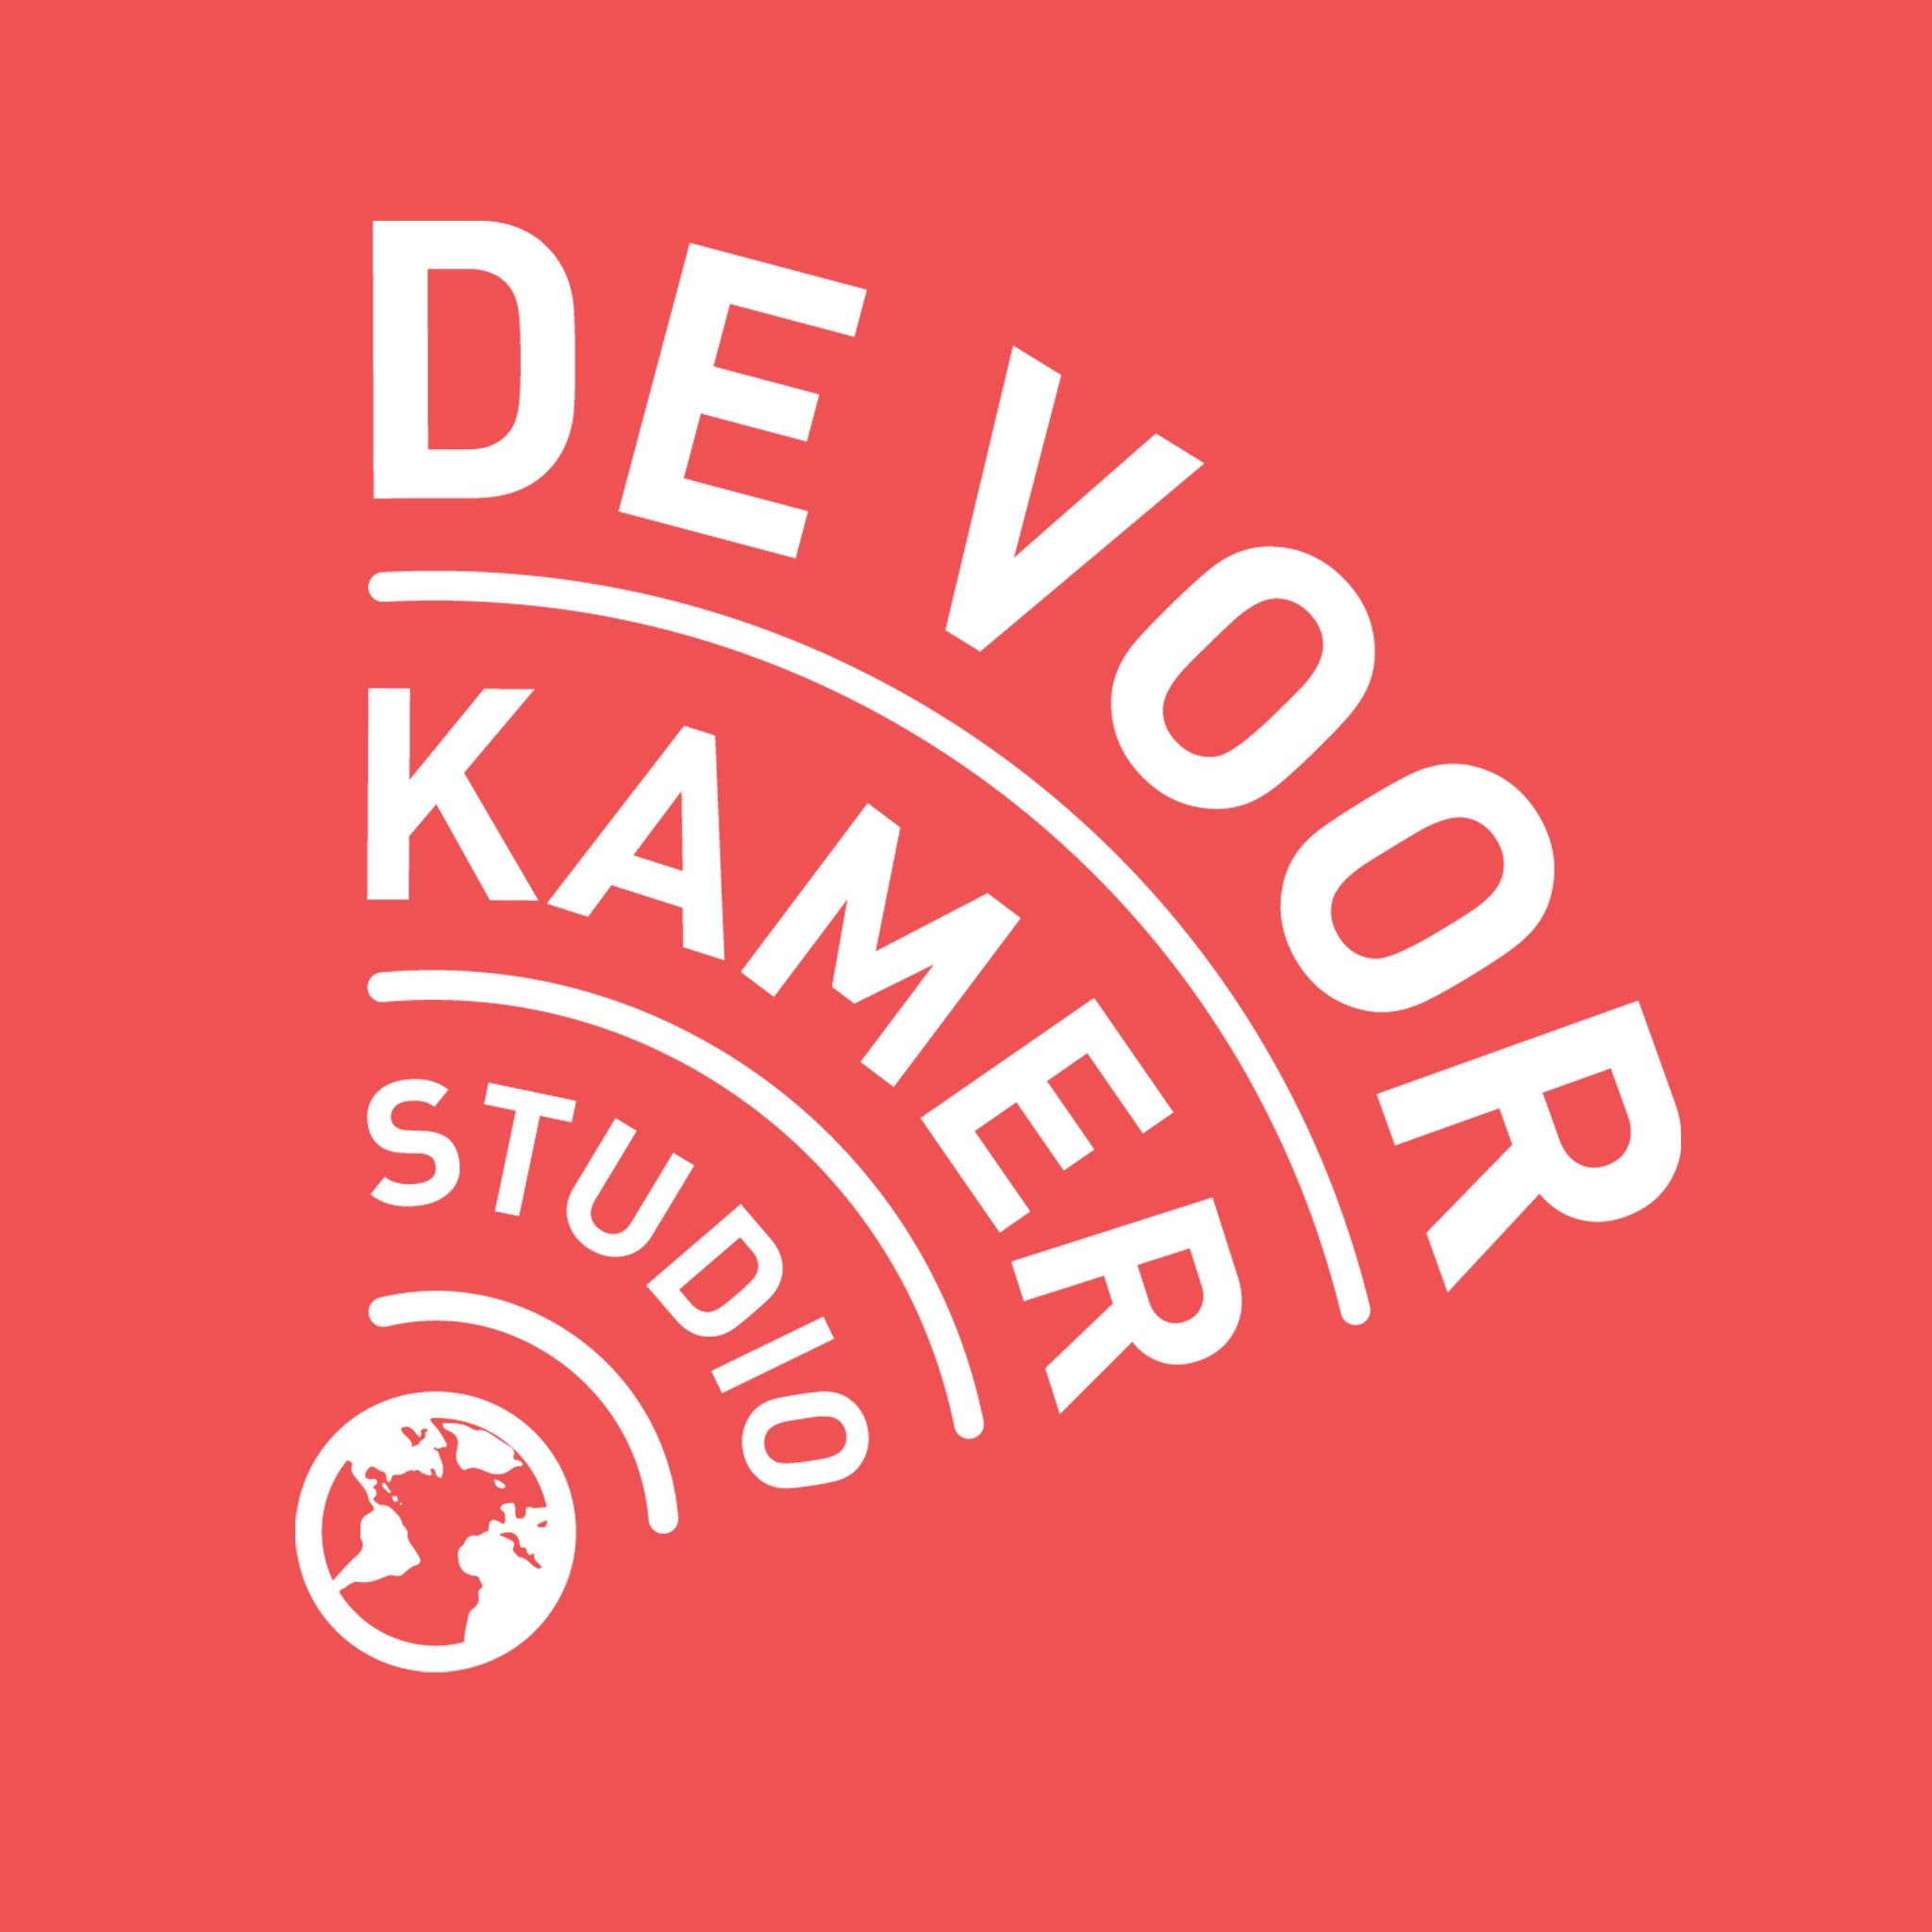 DV_Studio_ef5252_Background